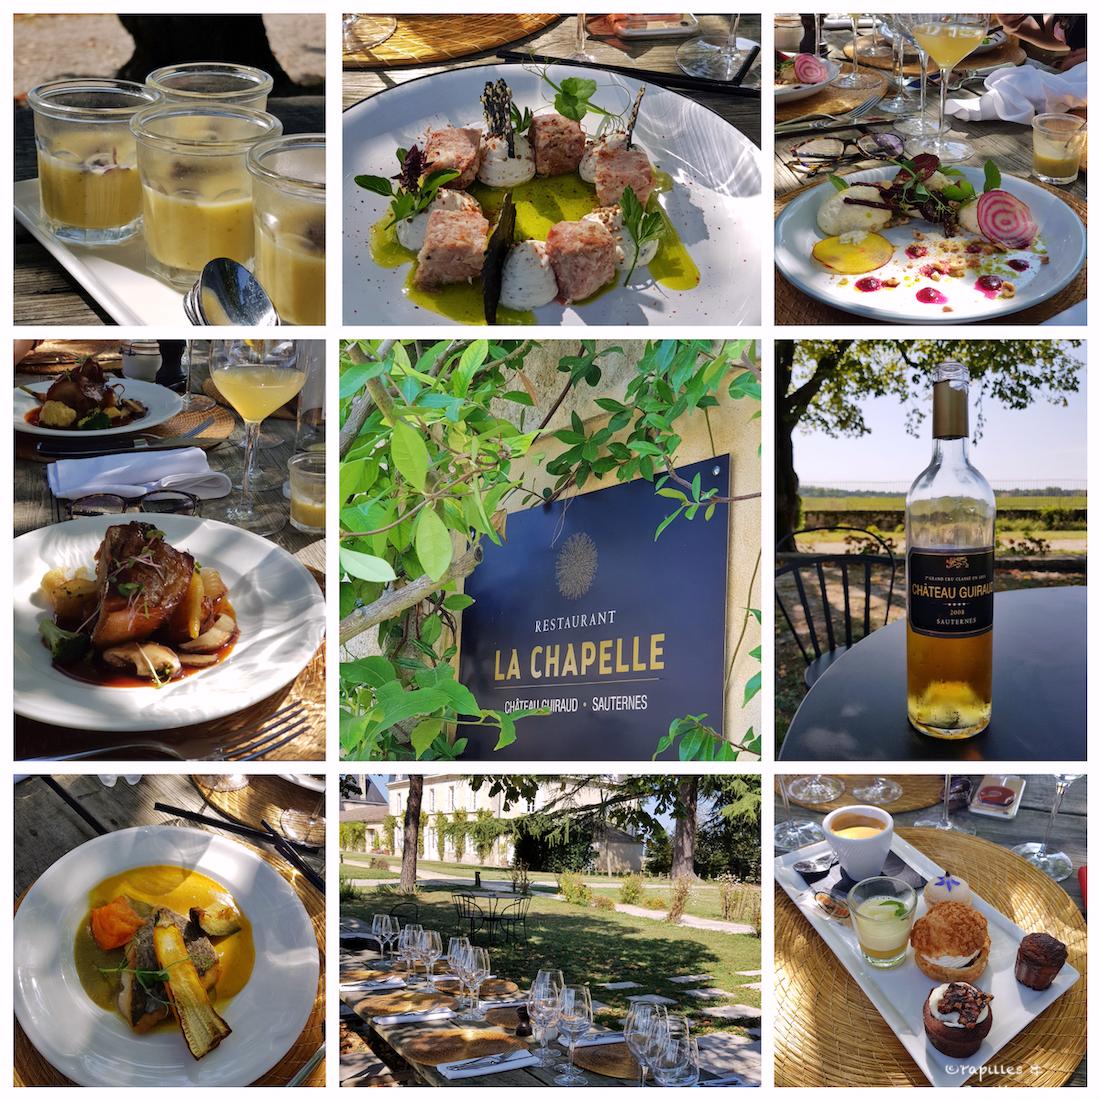 Déjeuner à La Chapelle - Château Guiraud